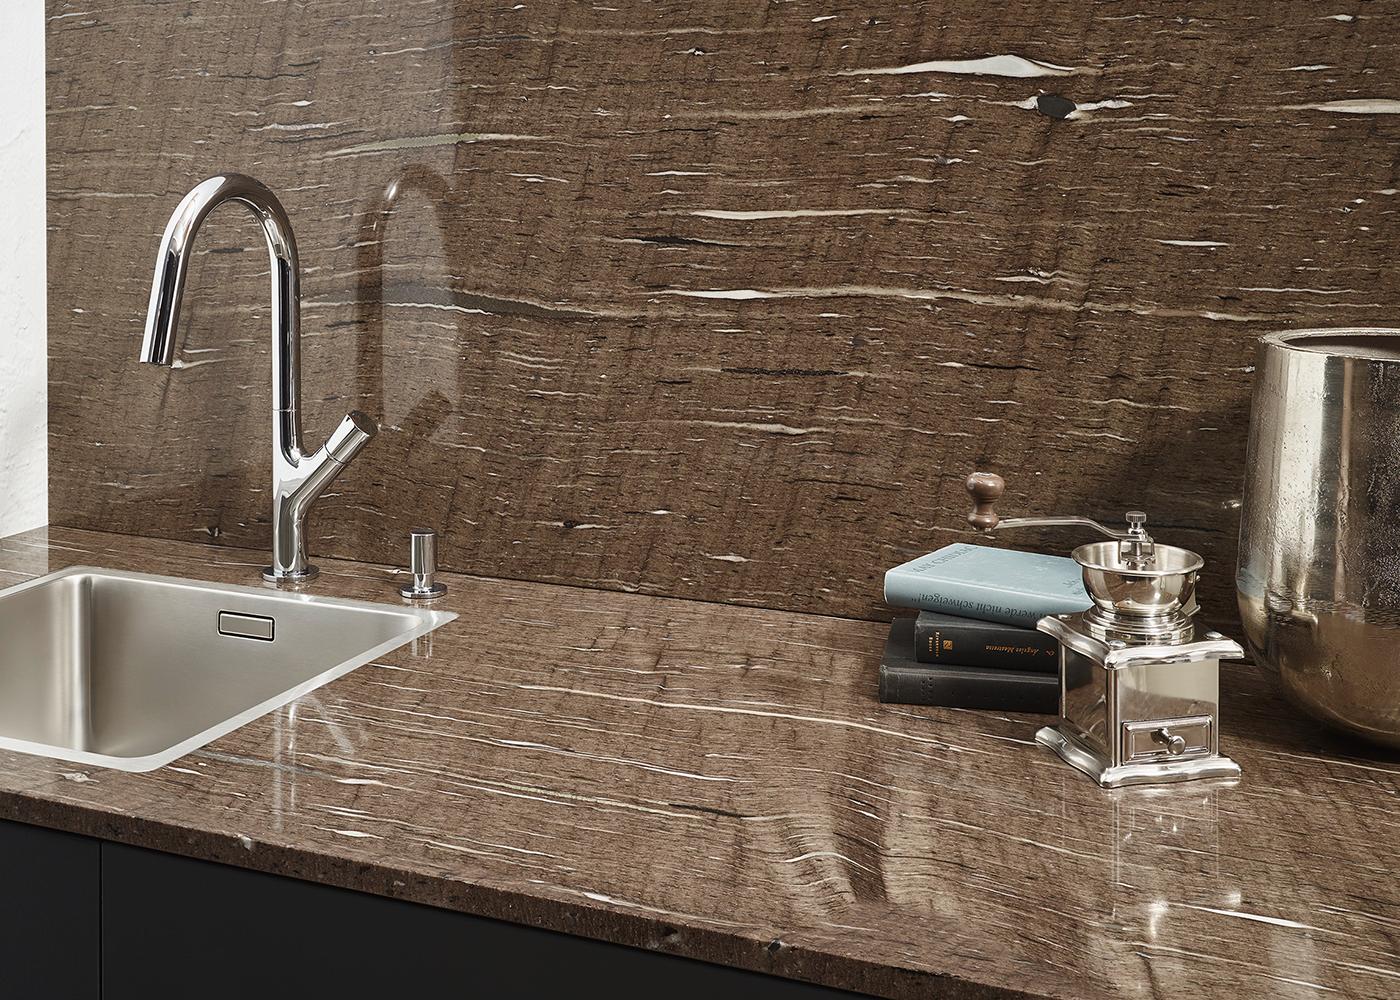 Full Size of Küchenrückwand Laminat Kchenrckwnde Glas In Der Küche Für Im Bad Badezimmer Fürs Wohnzimmer Küchenrückwand Laminat